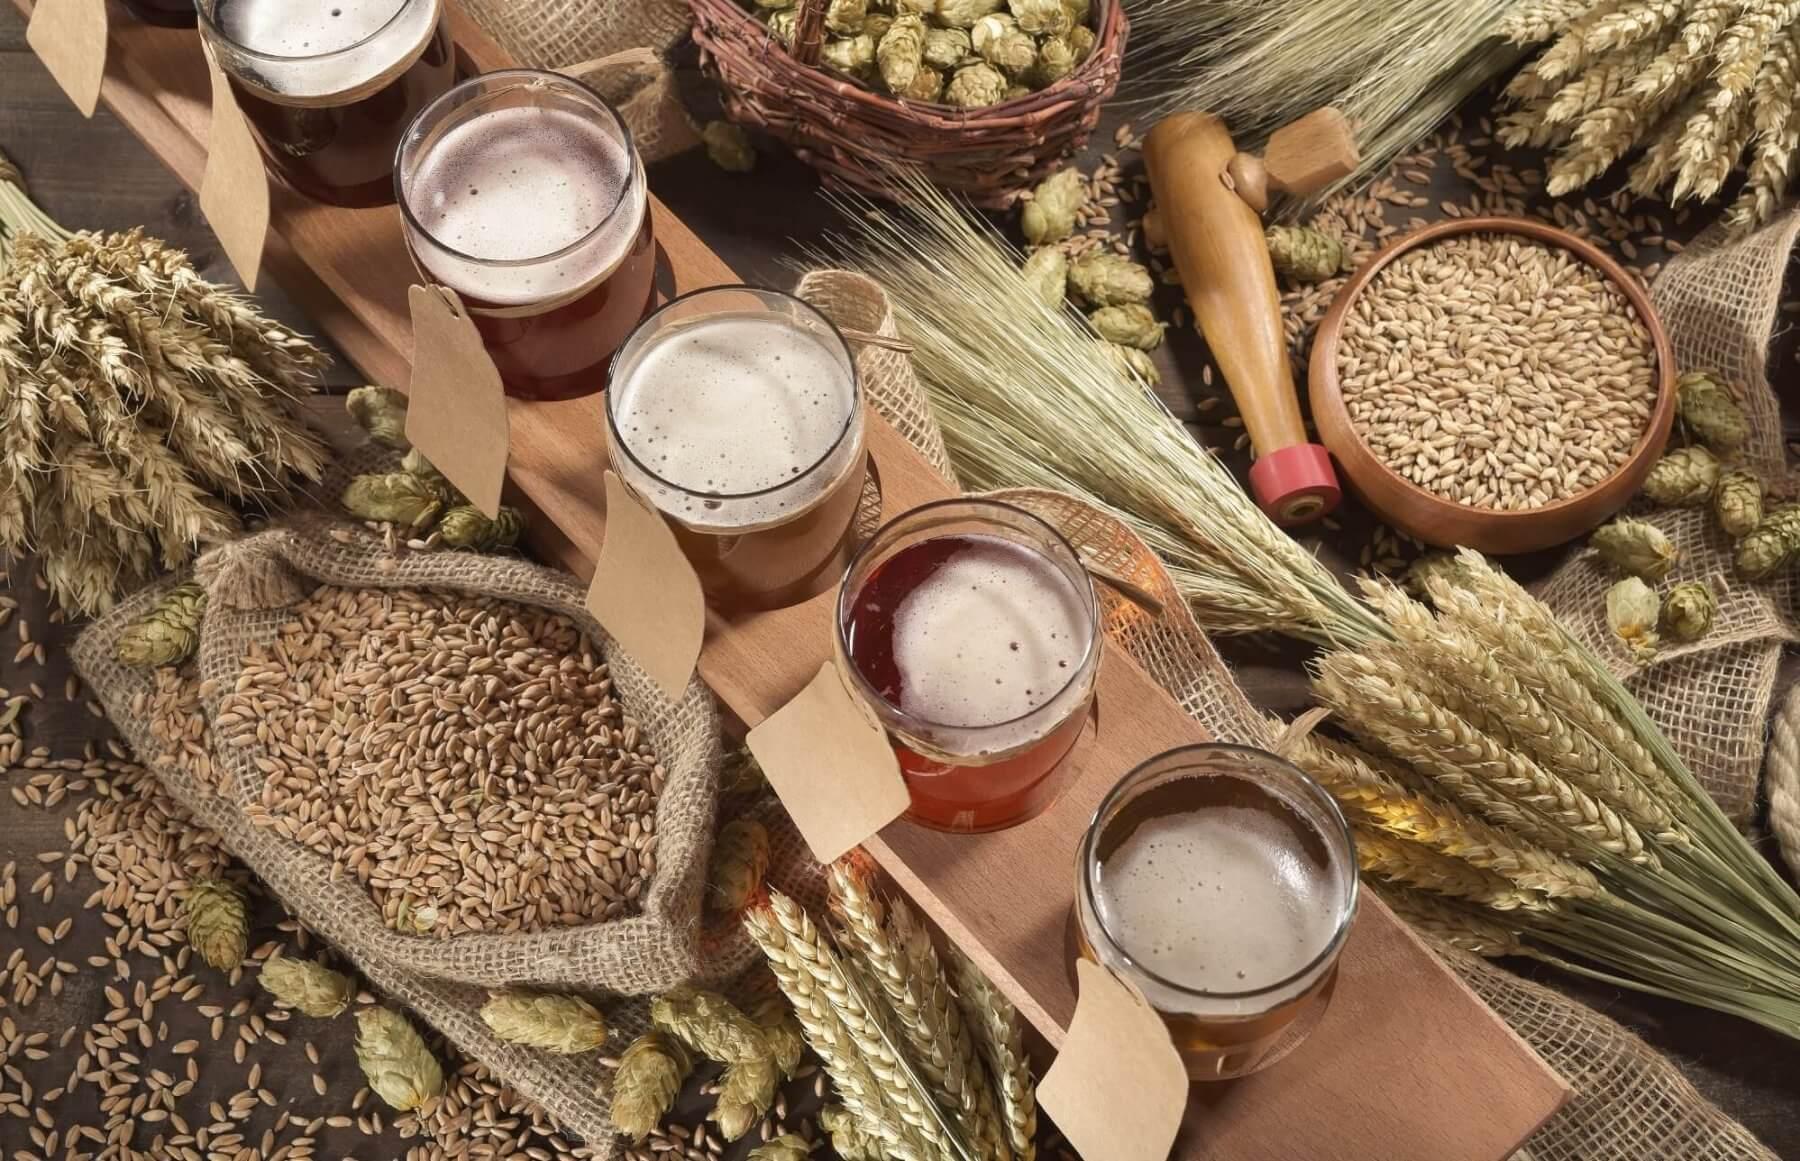 Różne smaki piwa - warsztaty kiperskie